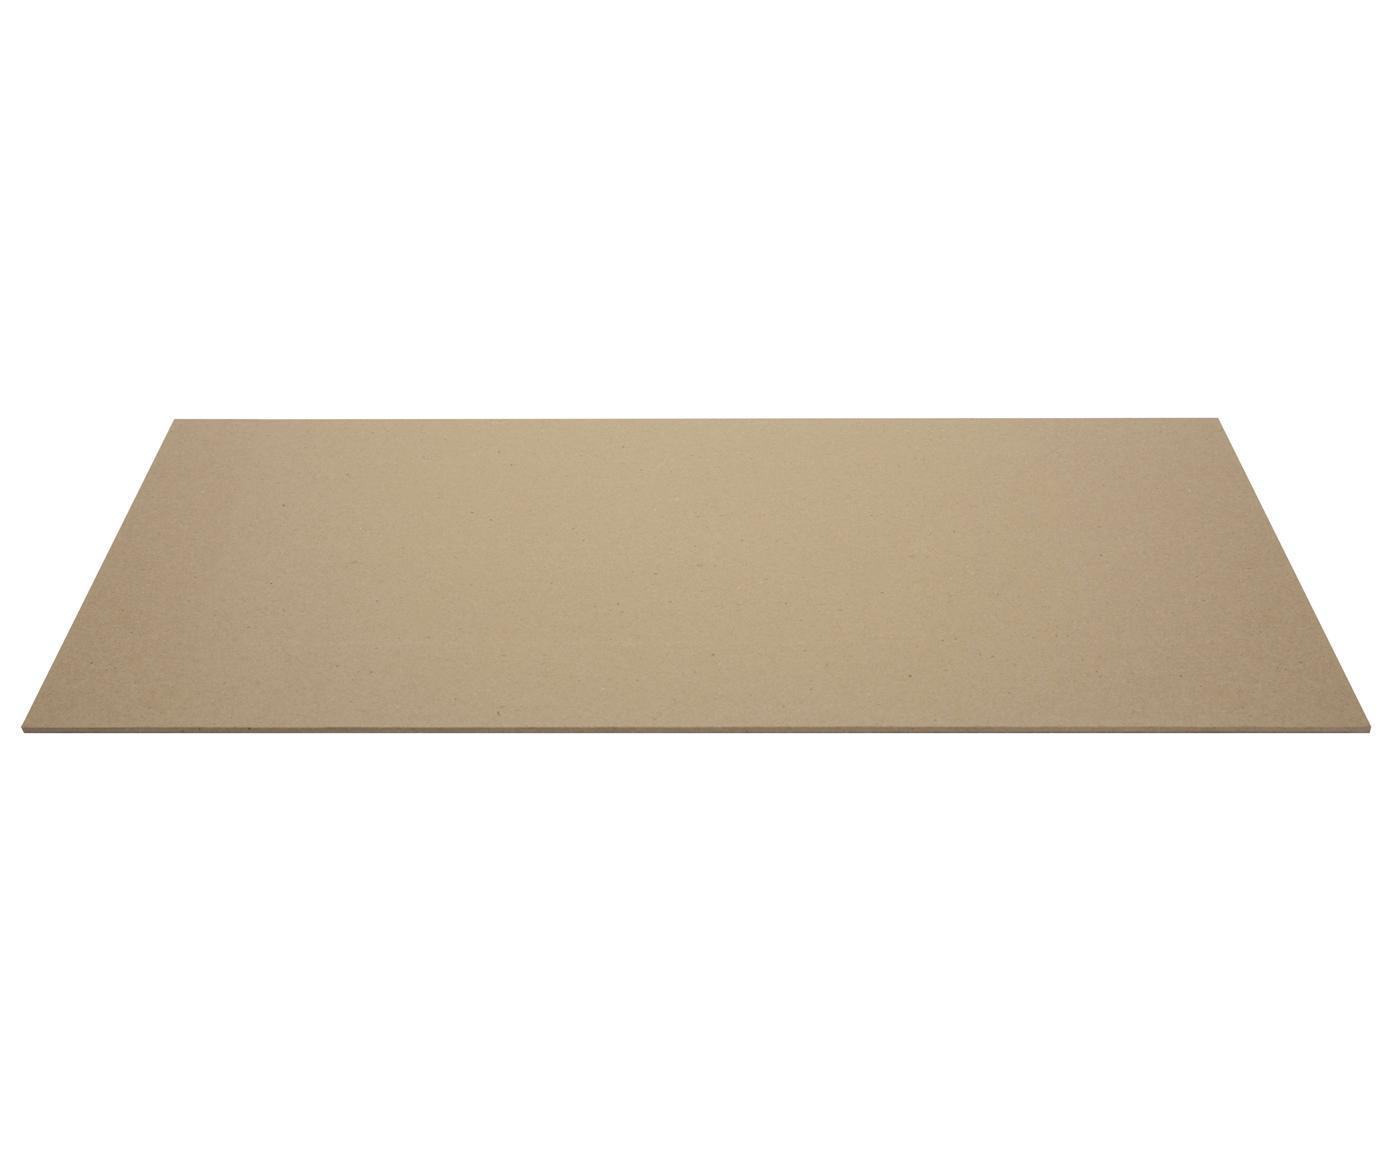 Tappetino da scrivania Annie, Solido, cartone laminato, Marrone chiaro, Larg. 59 x Prof. 39 cm